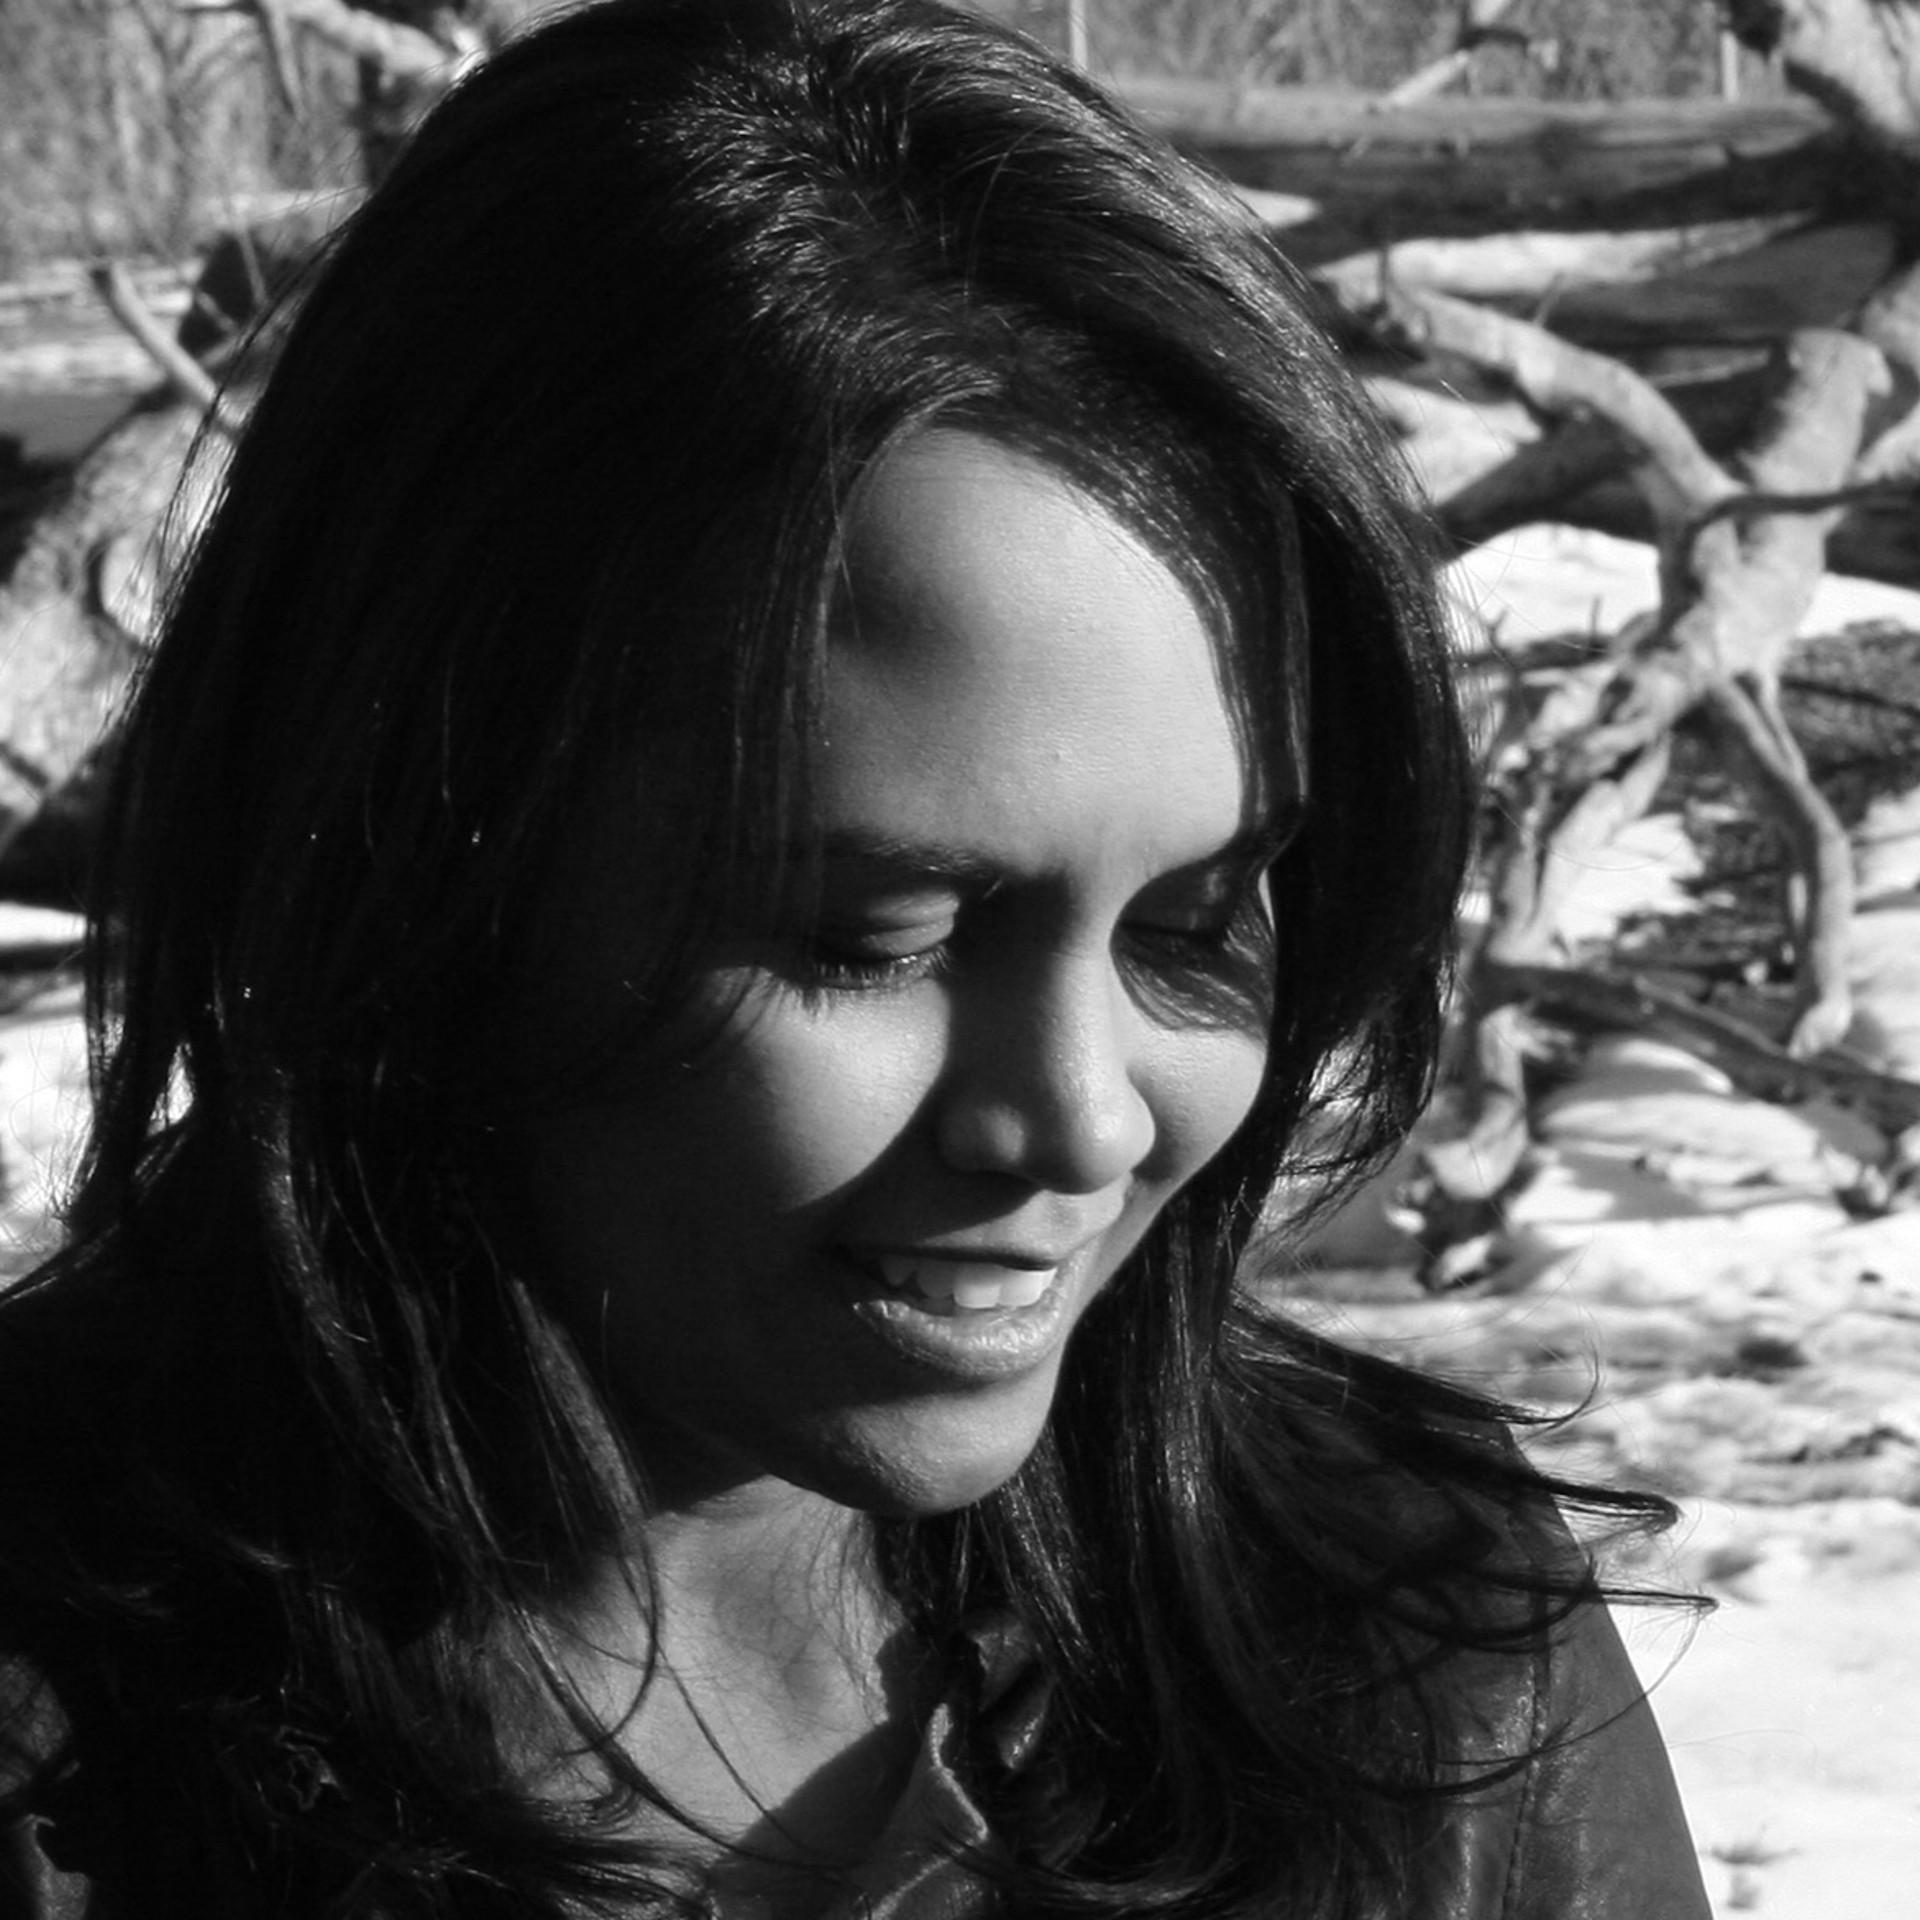 Suchitra Mattai